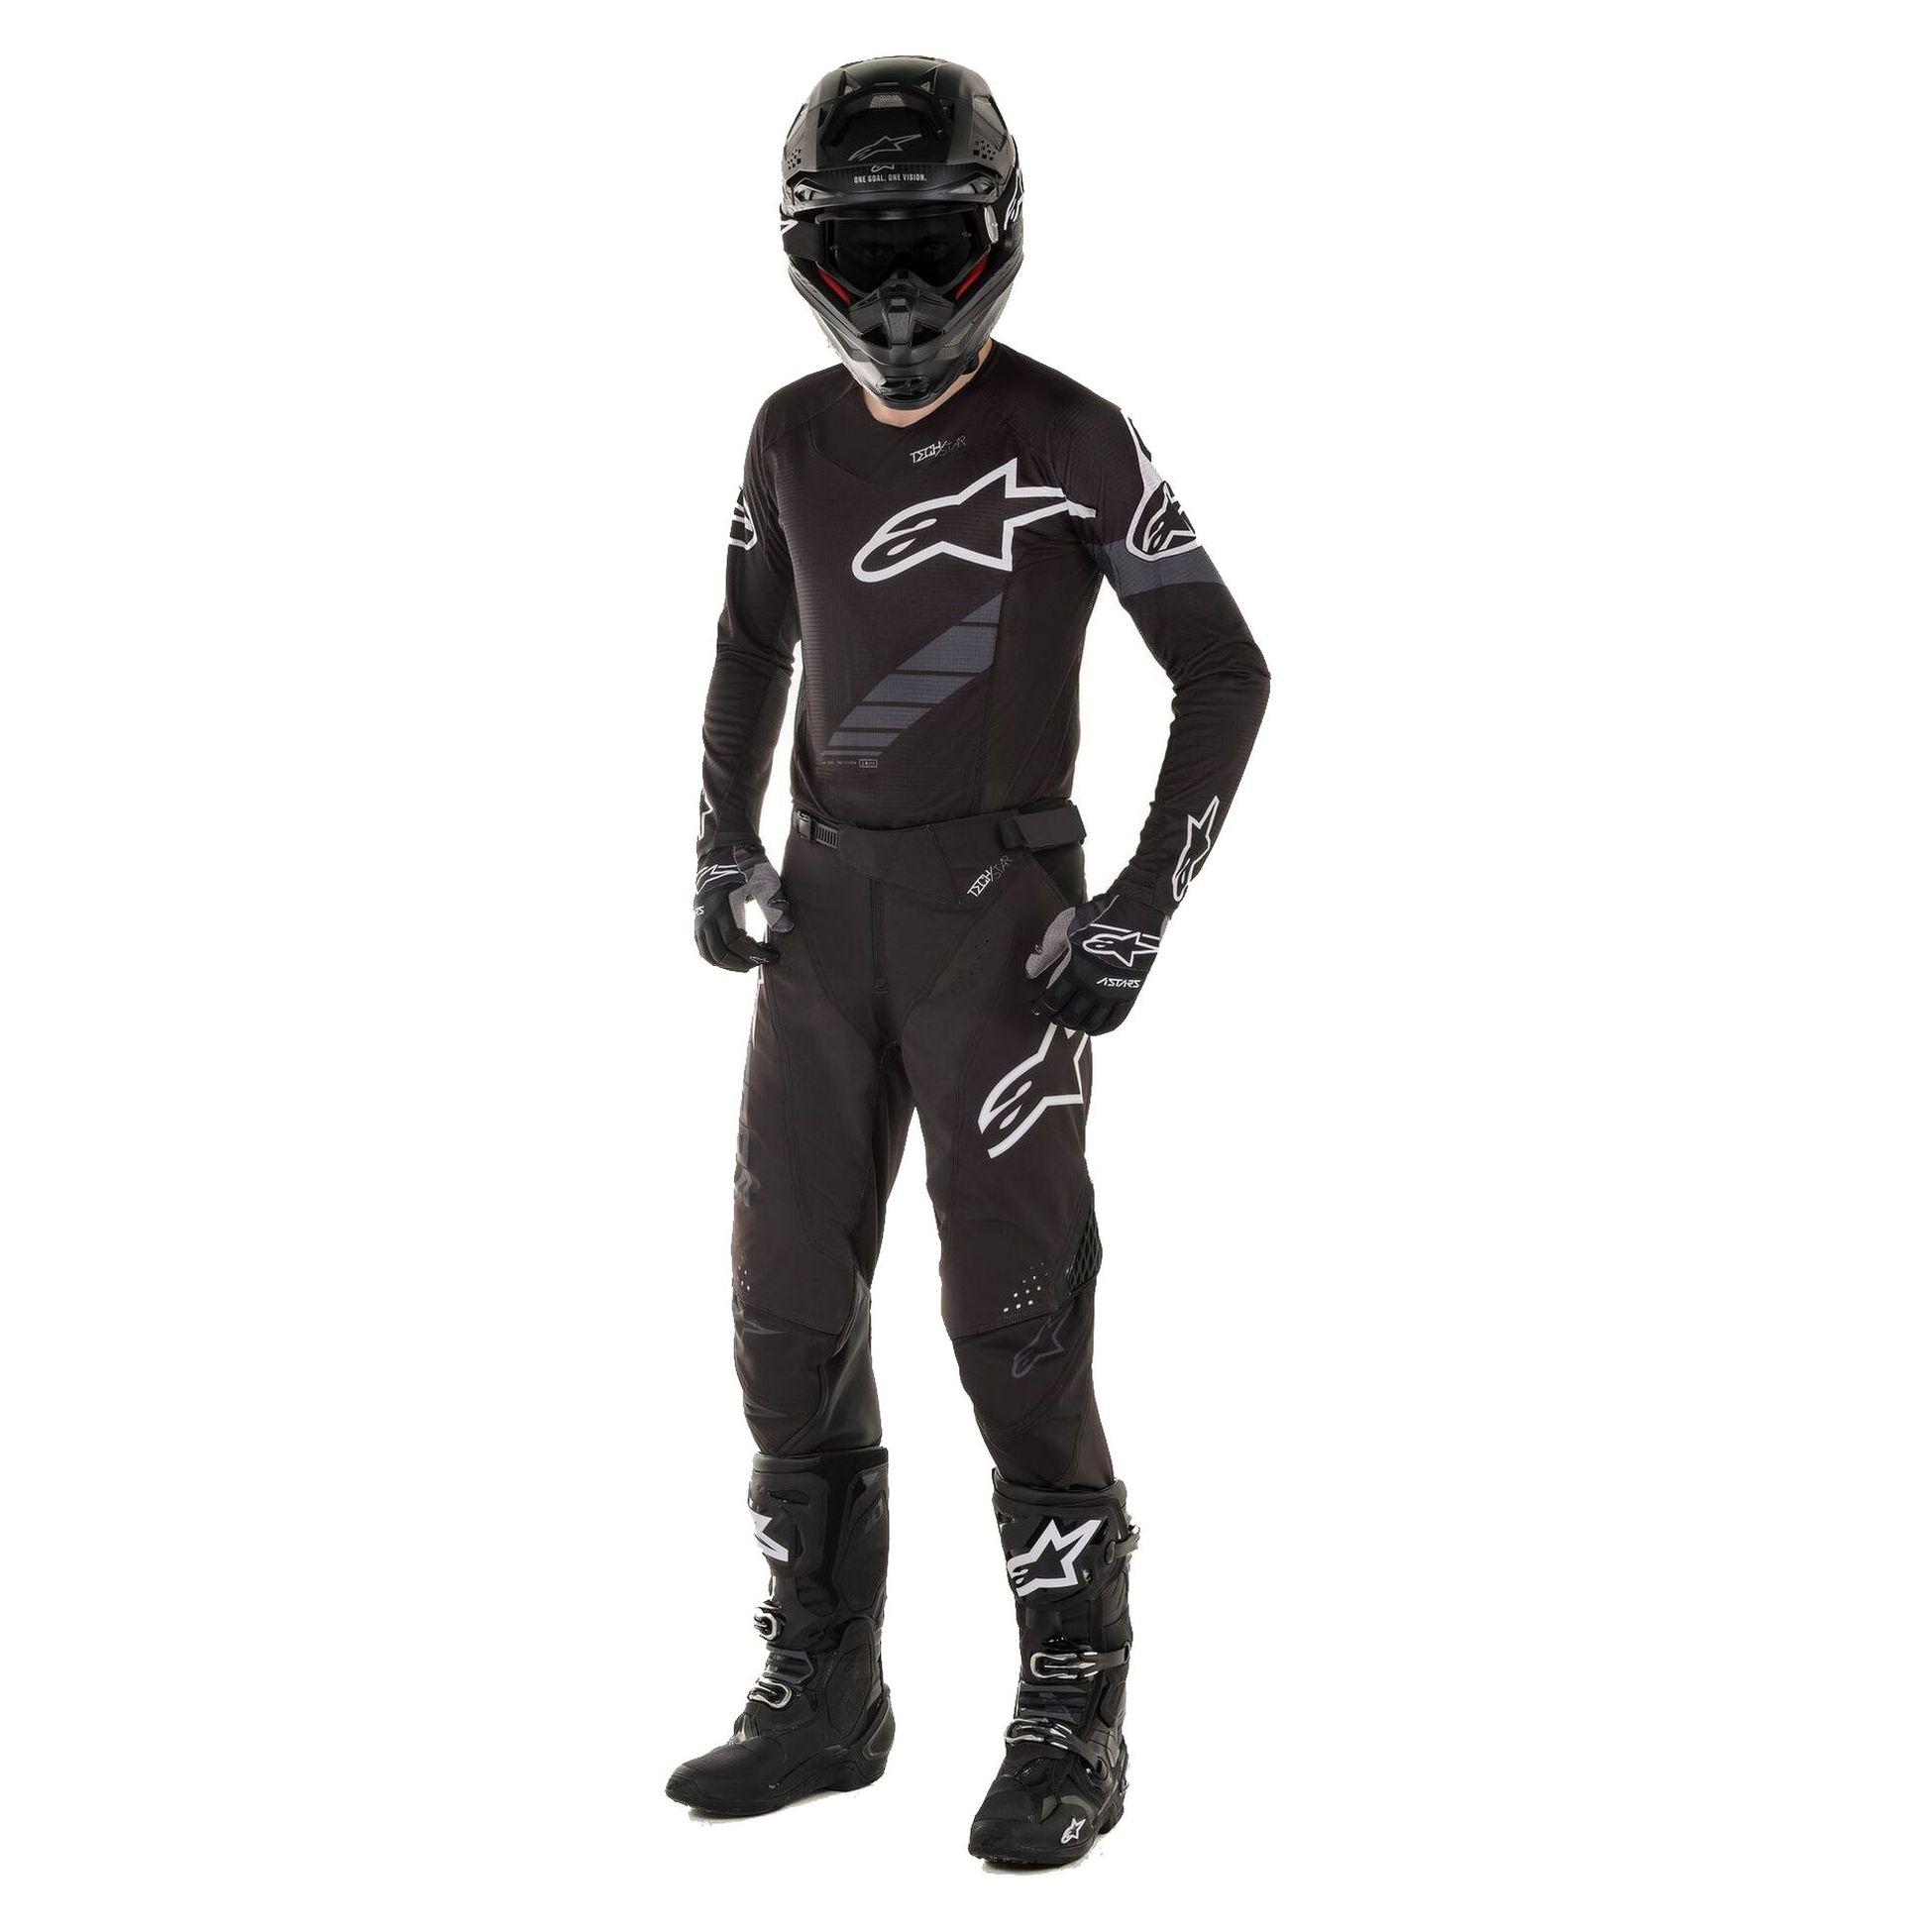 Alpinestars Techstar Graphite Motocross Jersey L